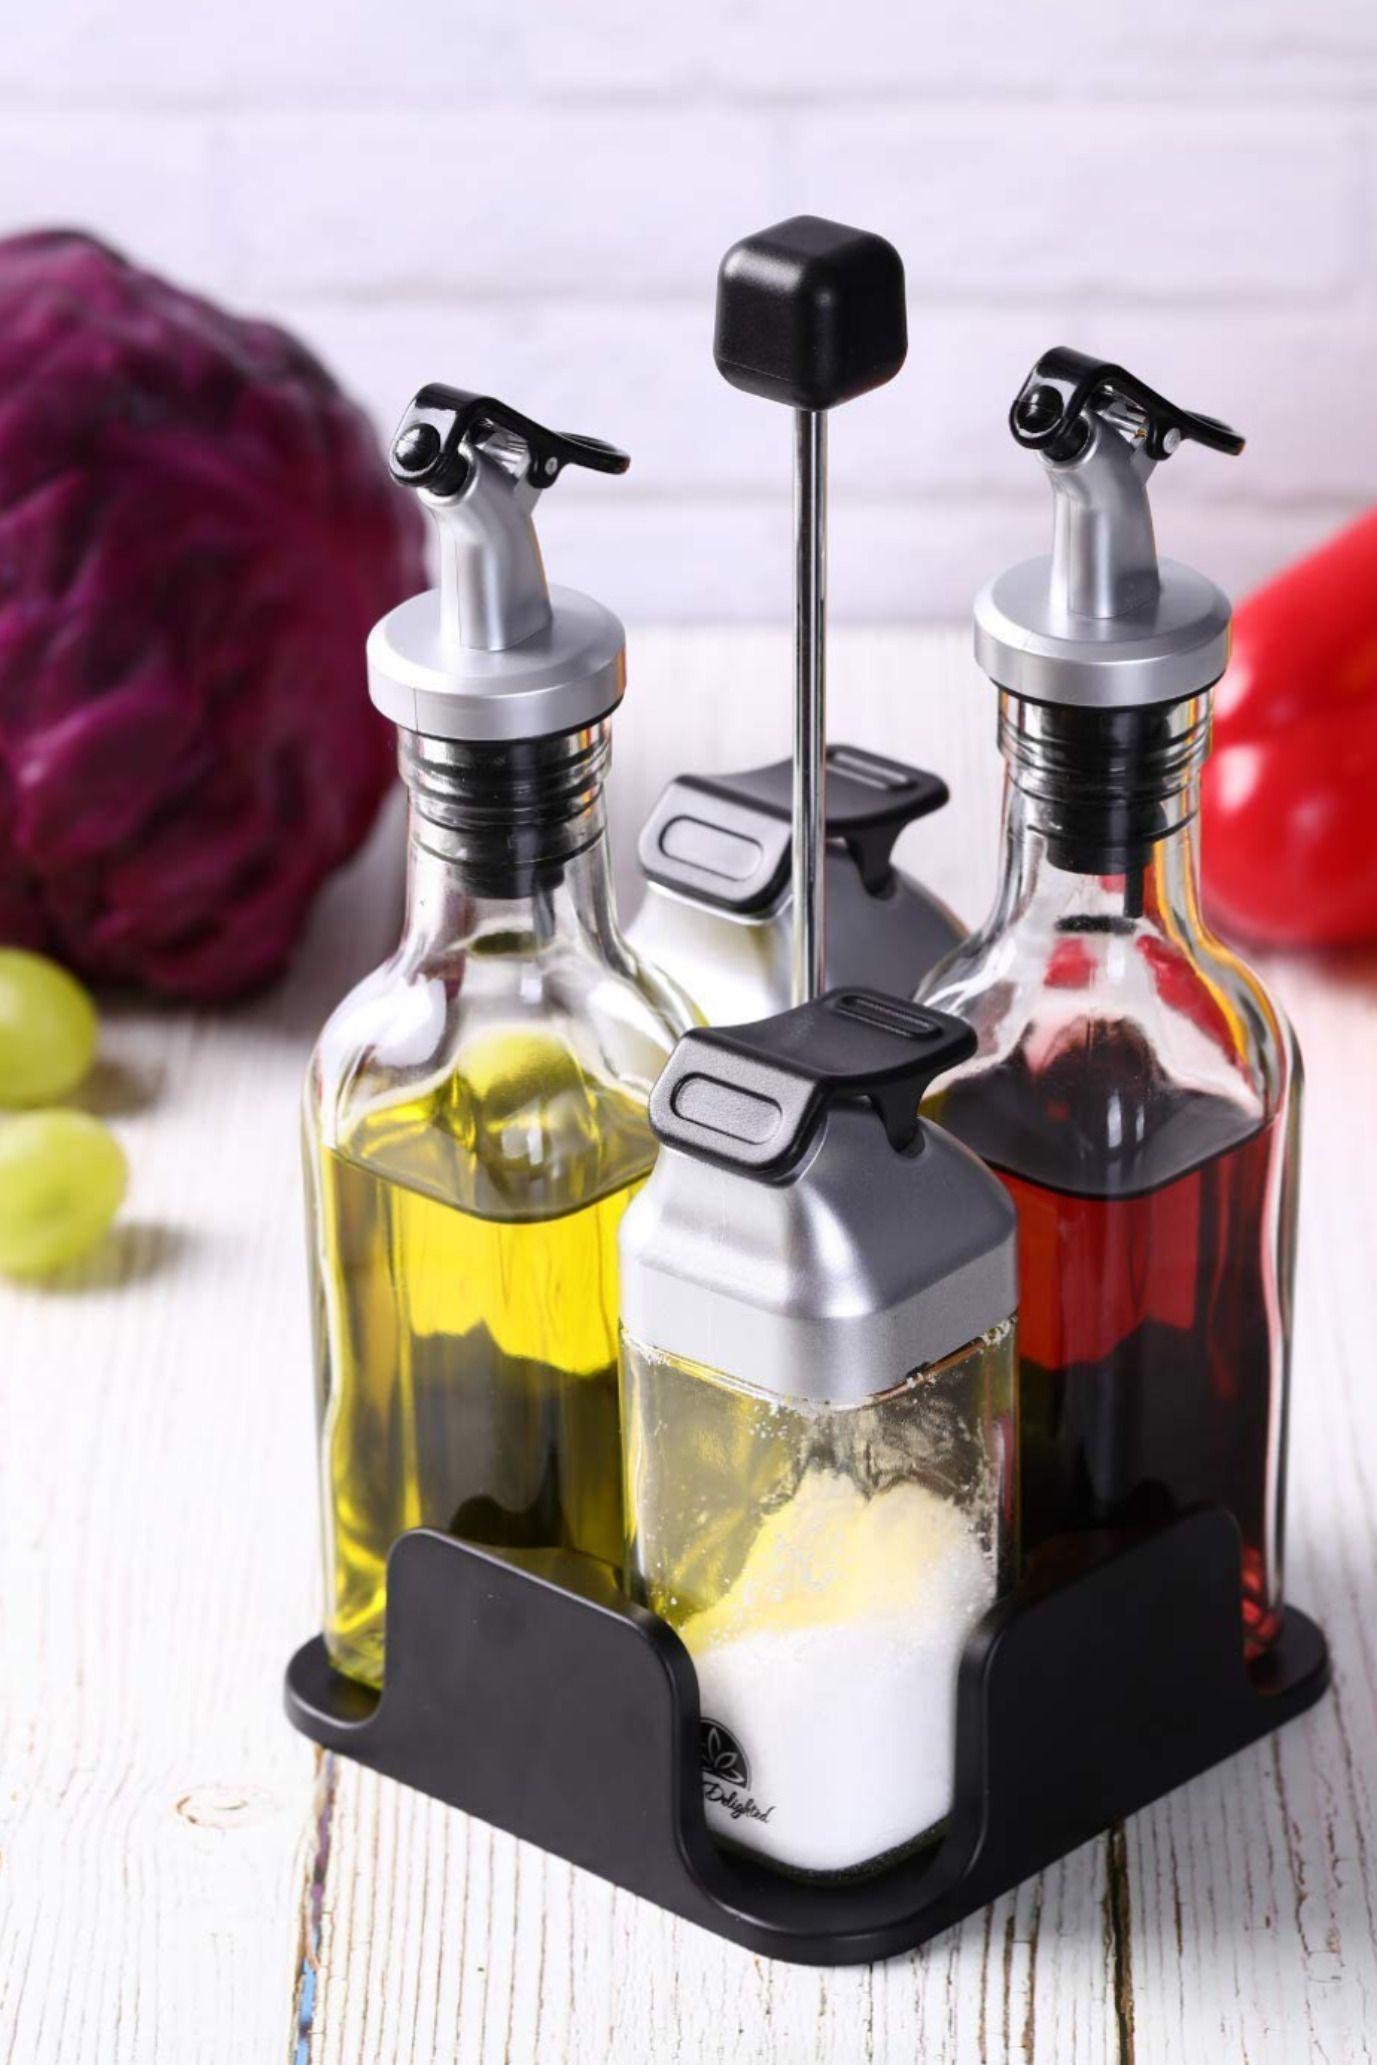 Details about  /3 pcs Oil Dispenser Bottles Spouts Plastic Cooking Oil Vinegar Pourer Easy Use